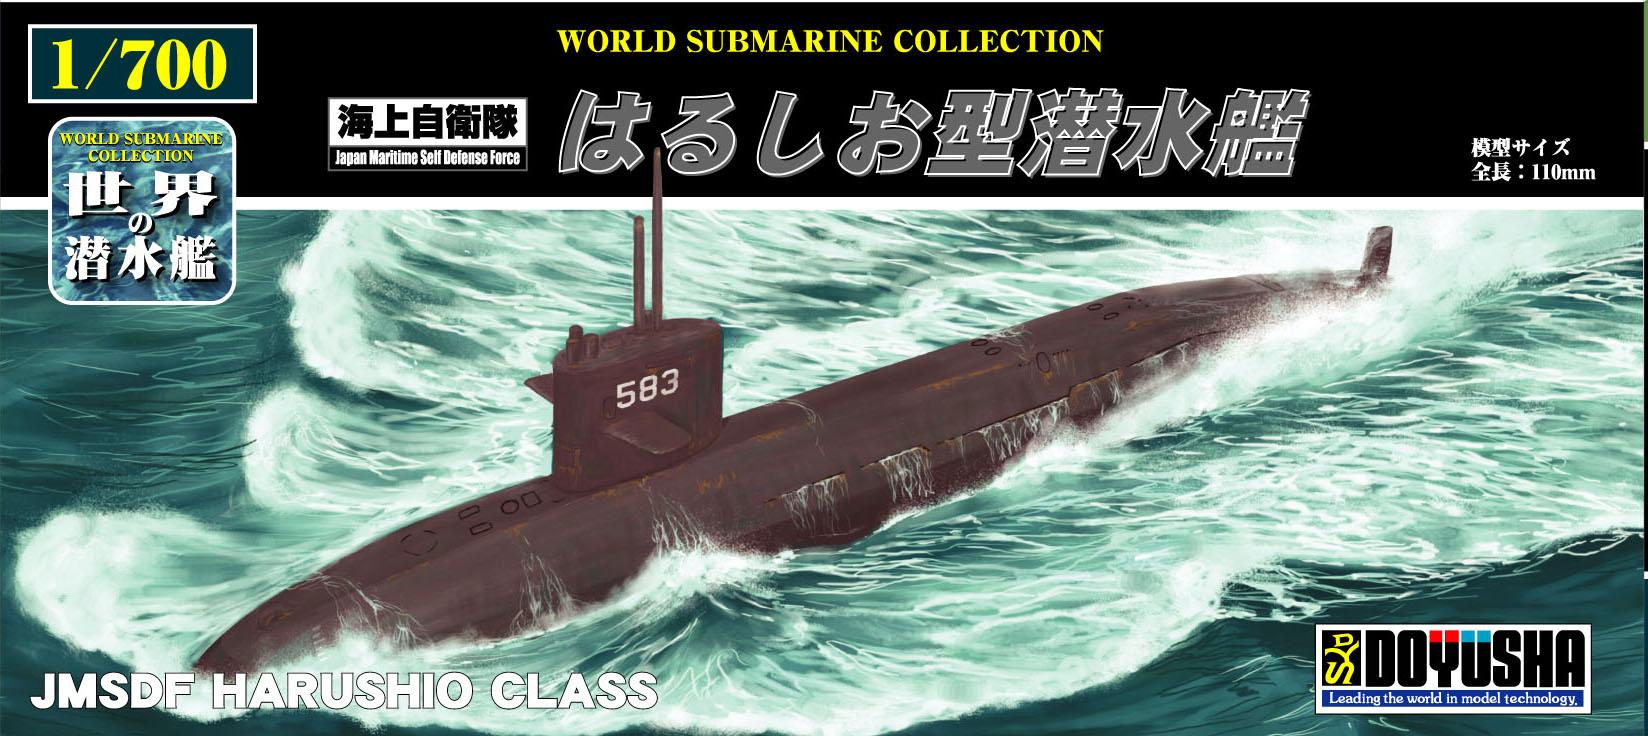 Doyusha 1/700 JMSDF Harushio Class Submarine